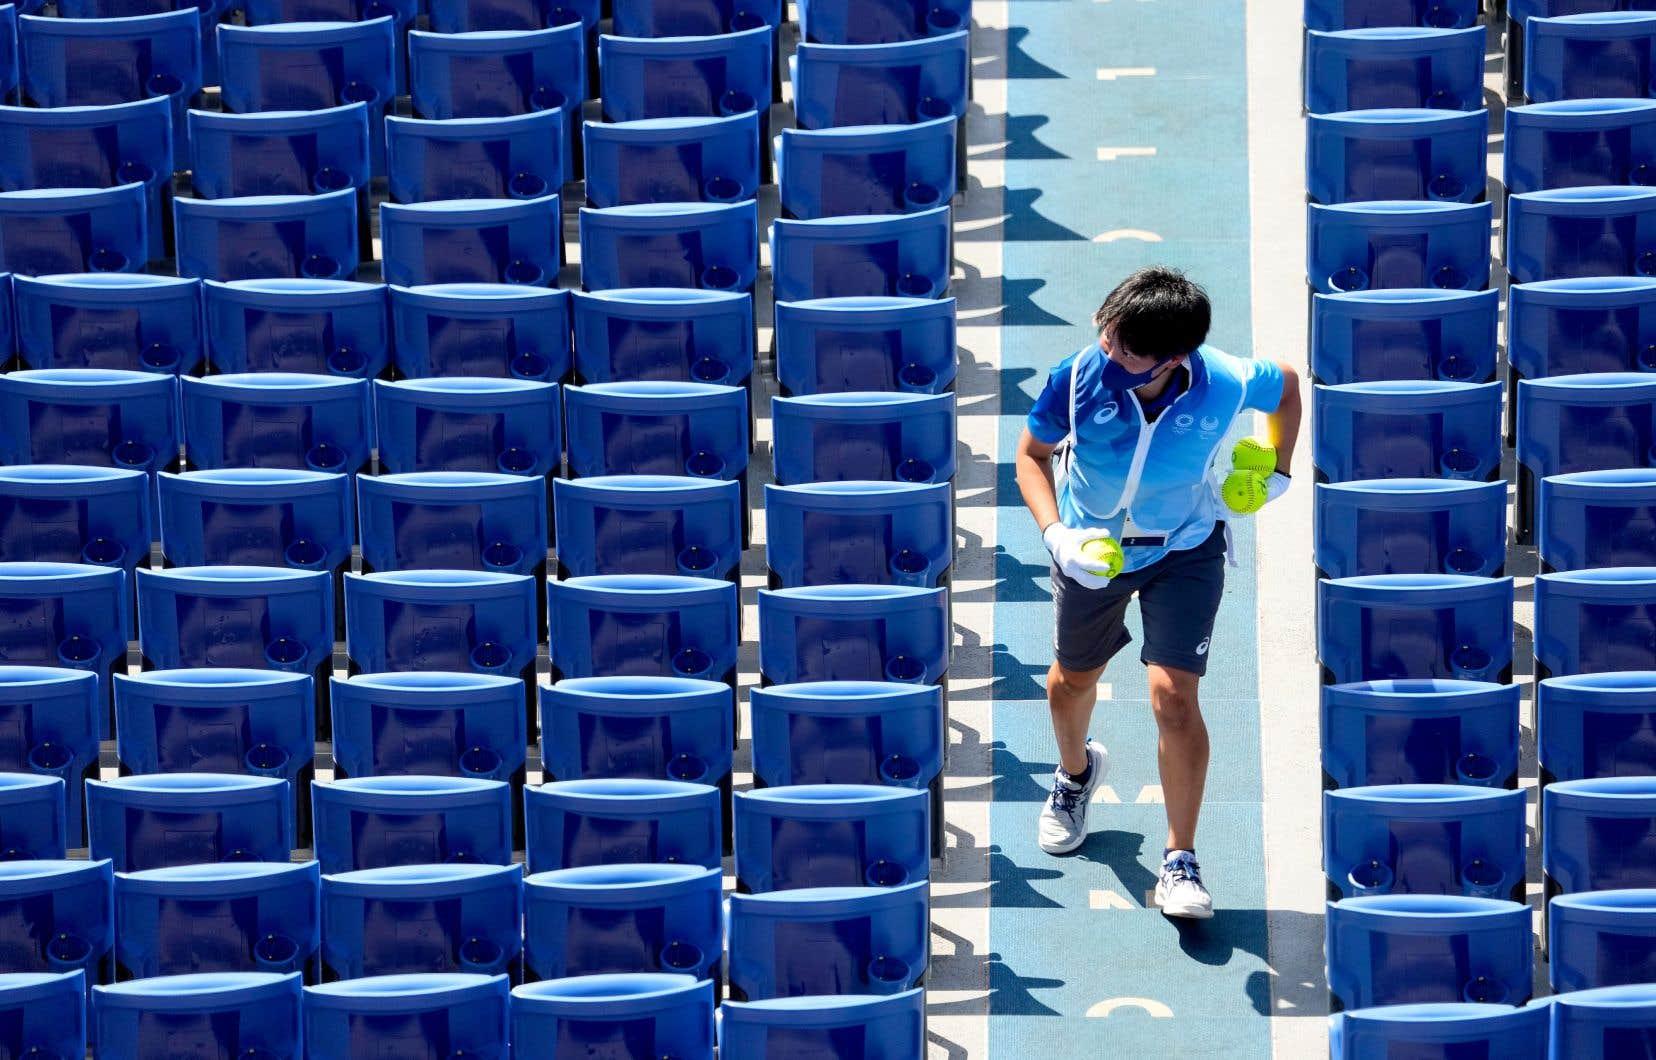 L'exclusion des spectateurs par les autorités japonaises risque d'affecter les Jeux et les athlètes, pour qui l'interaction avec la foule est une partie importante de la compétition.